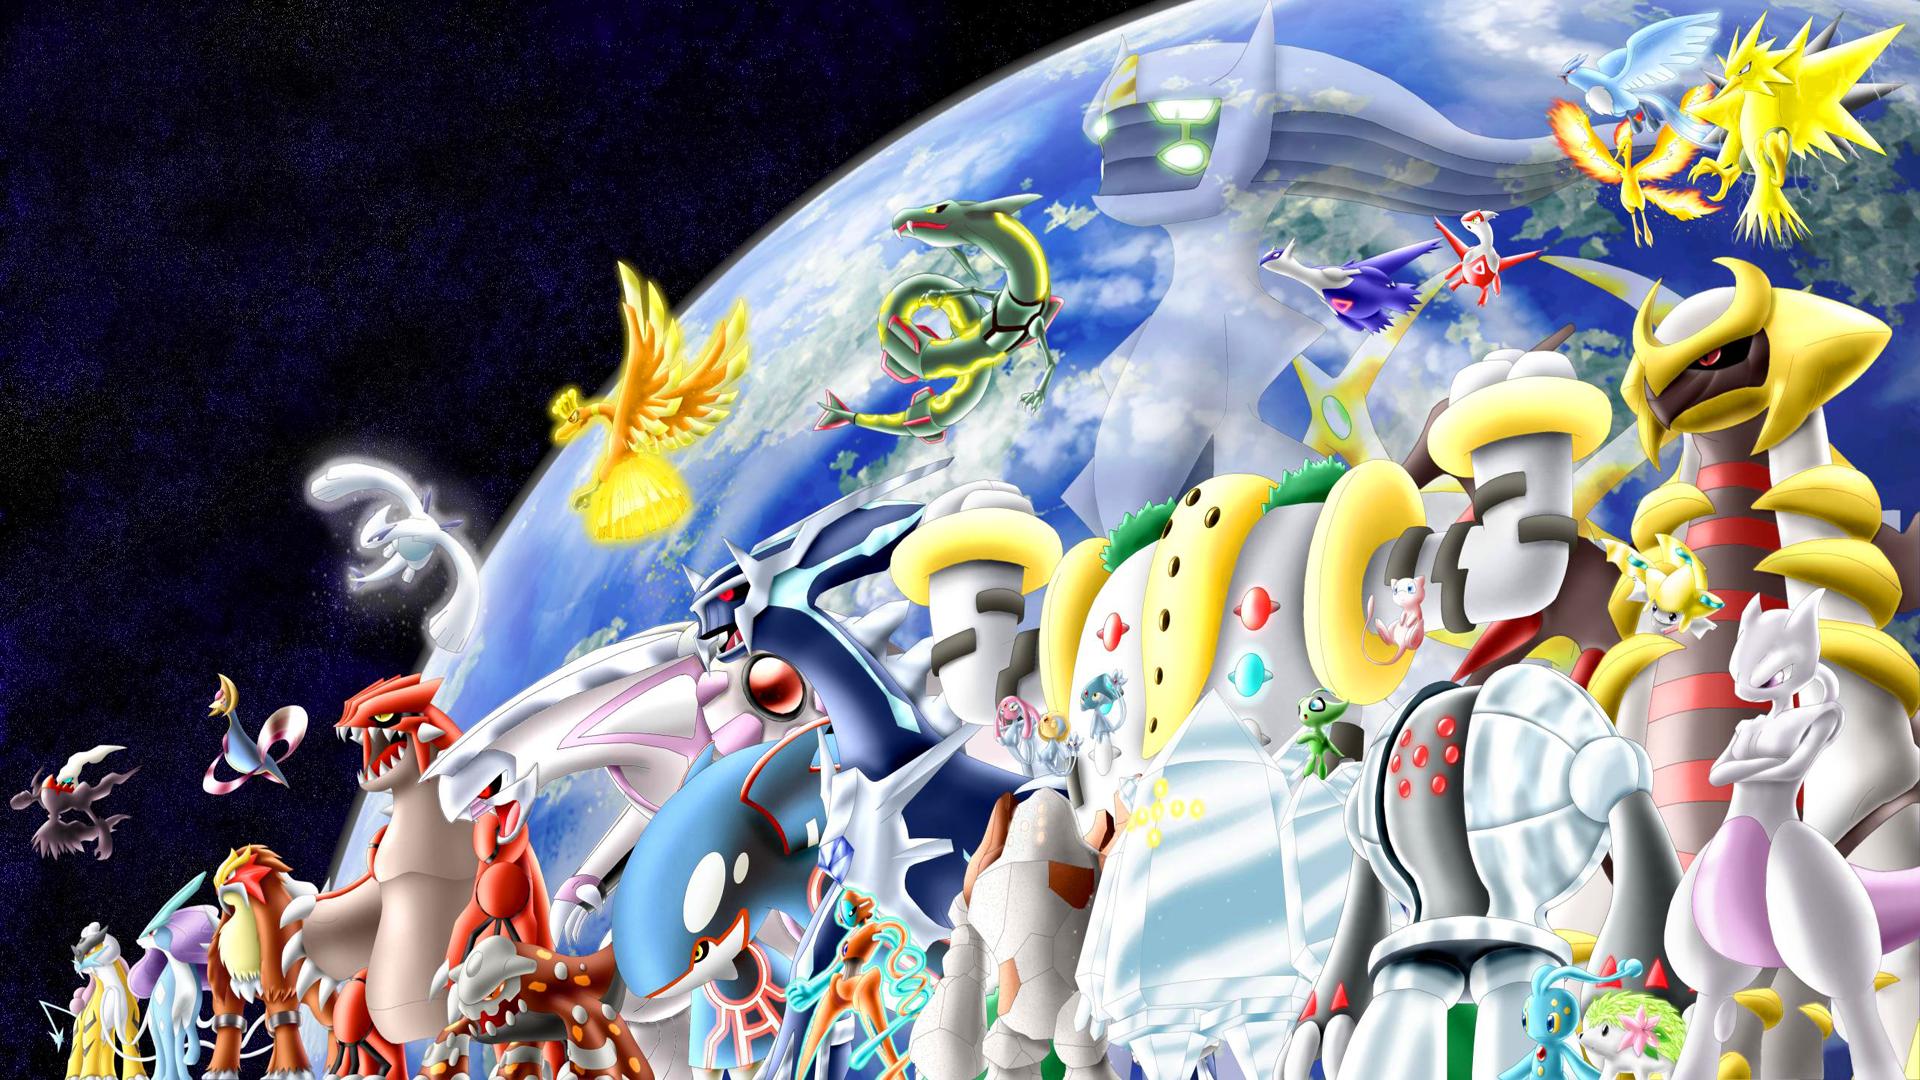 Pokemon Fonds d'écran, Arrières-plan | 1920x1080 | ID:206263